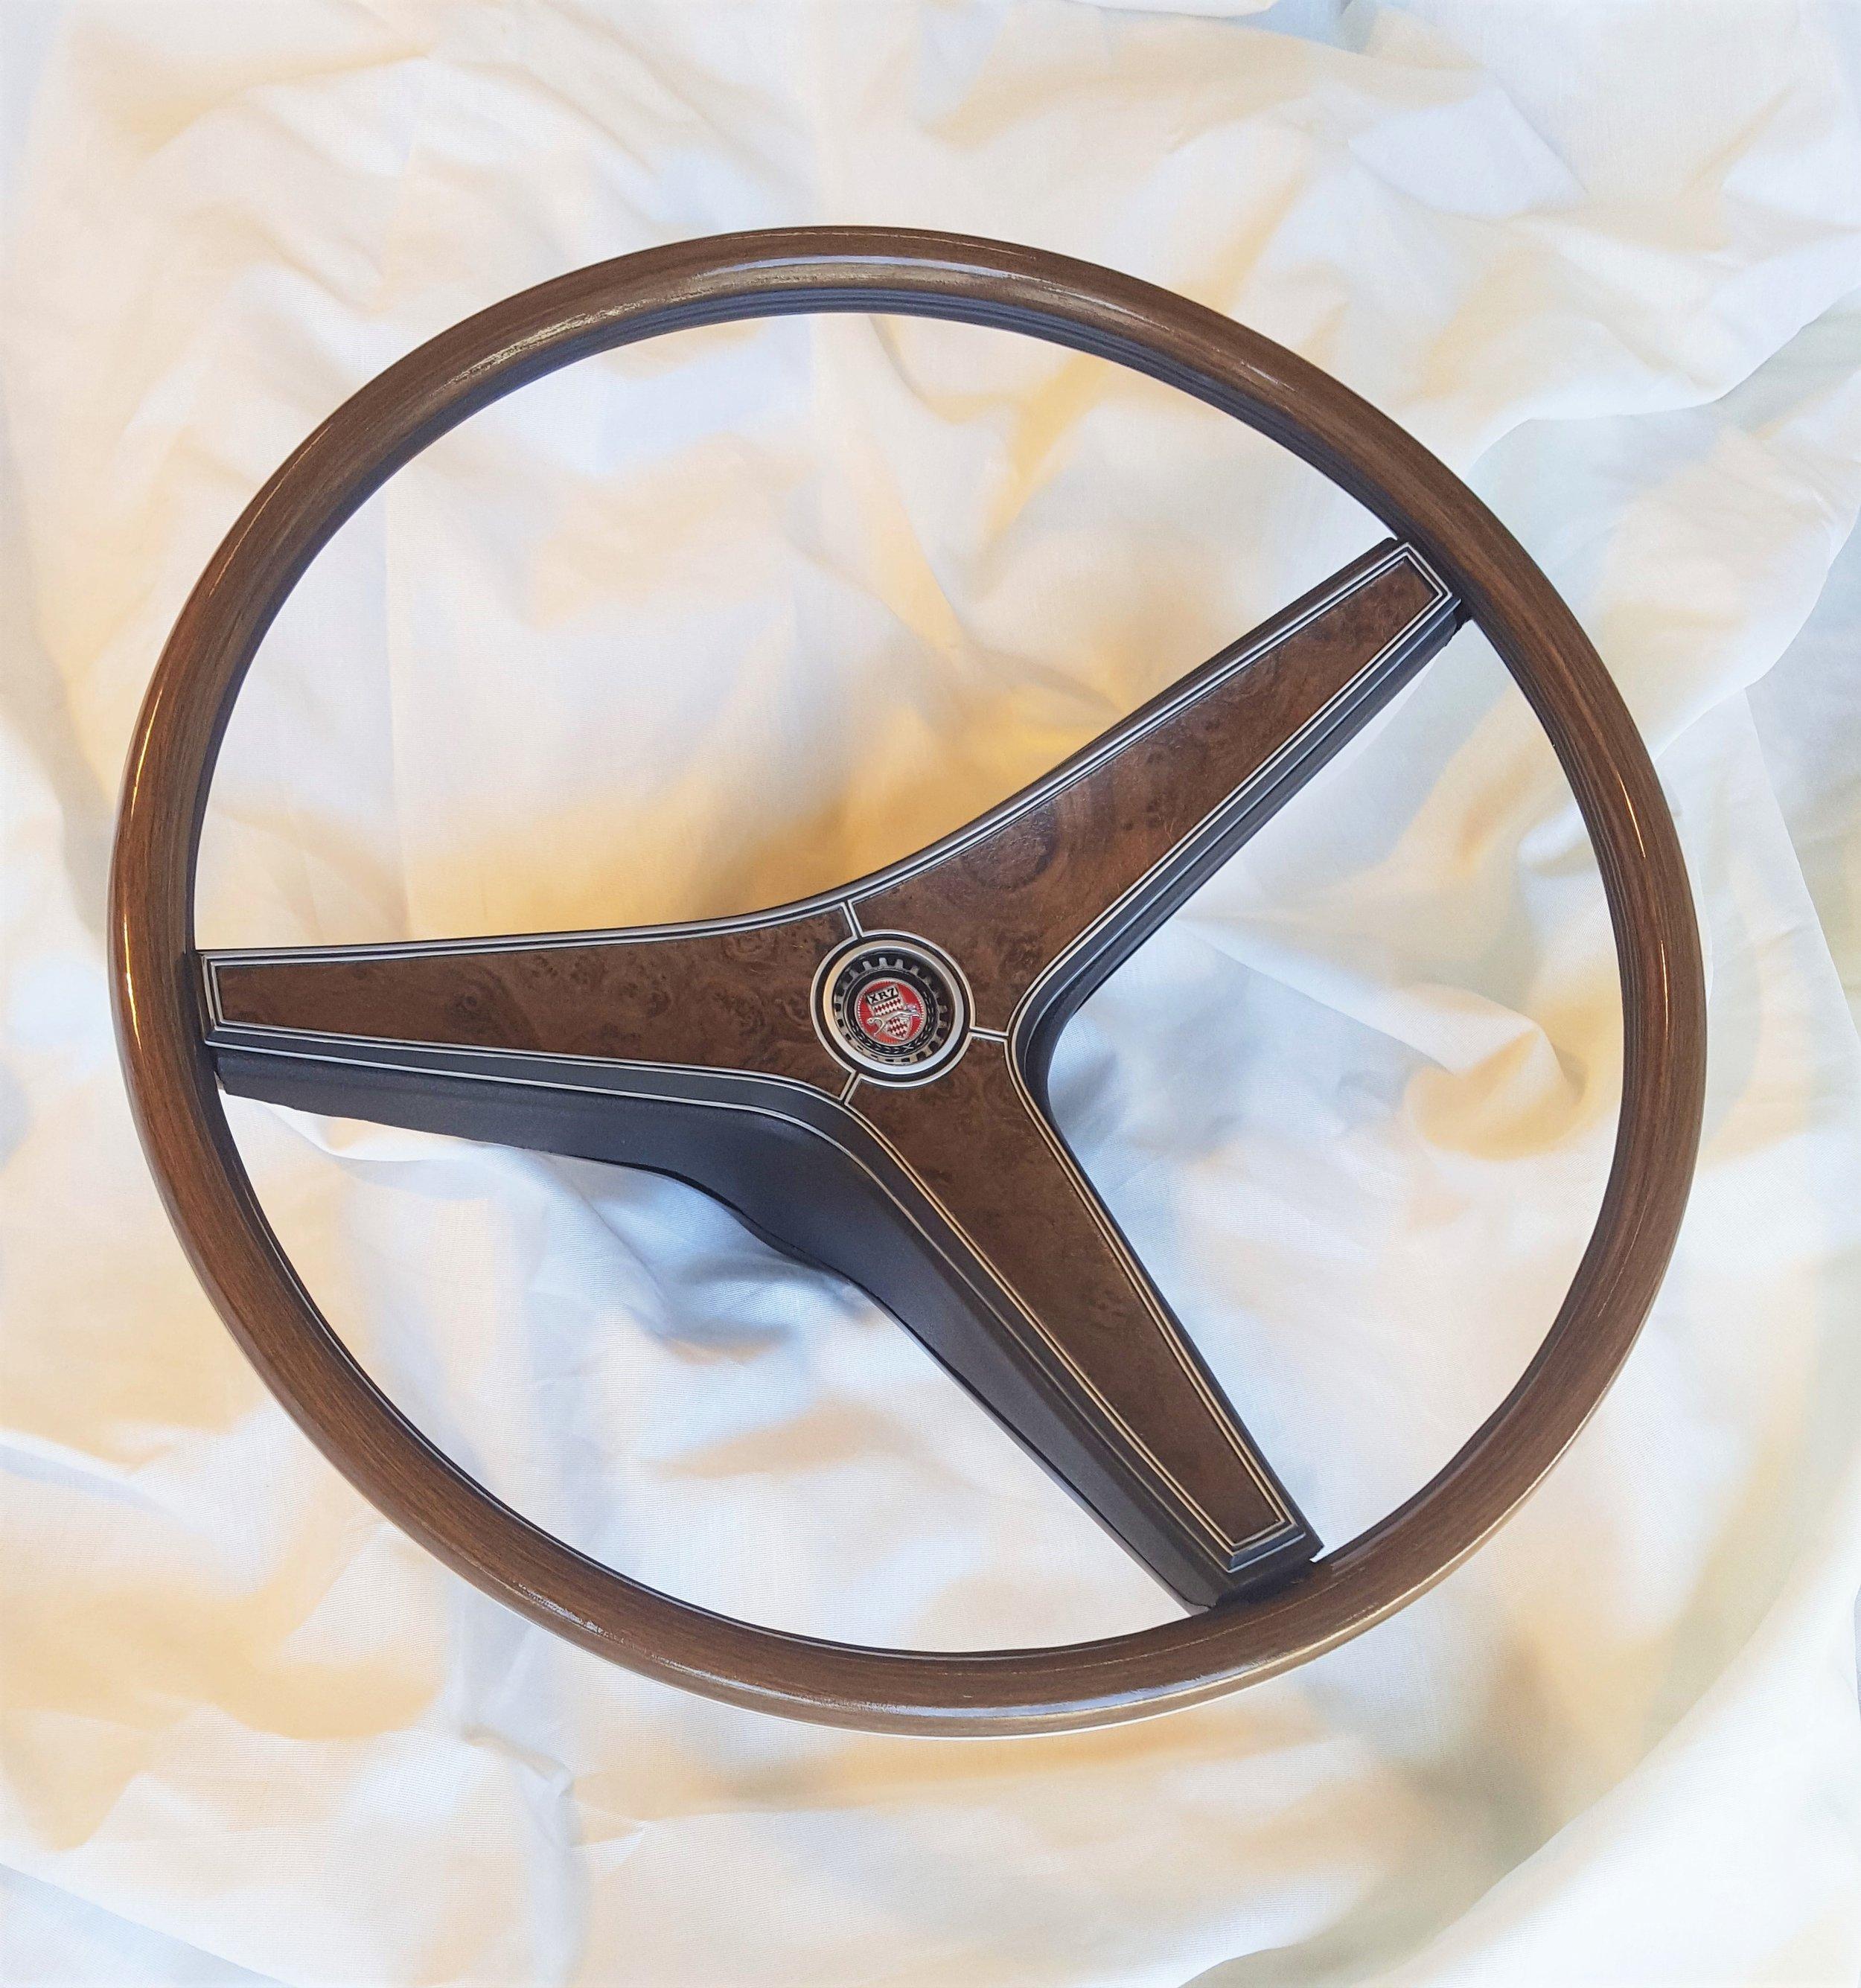 1969 Cougar XR7 rim blow steering wheel